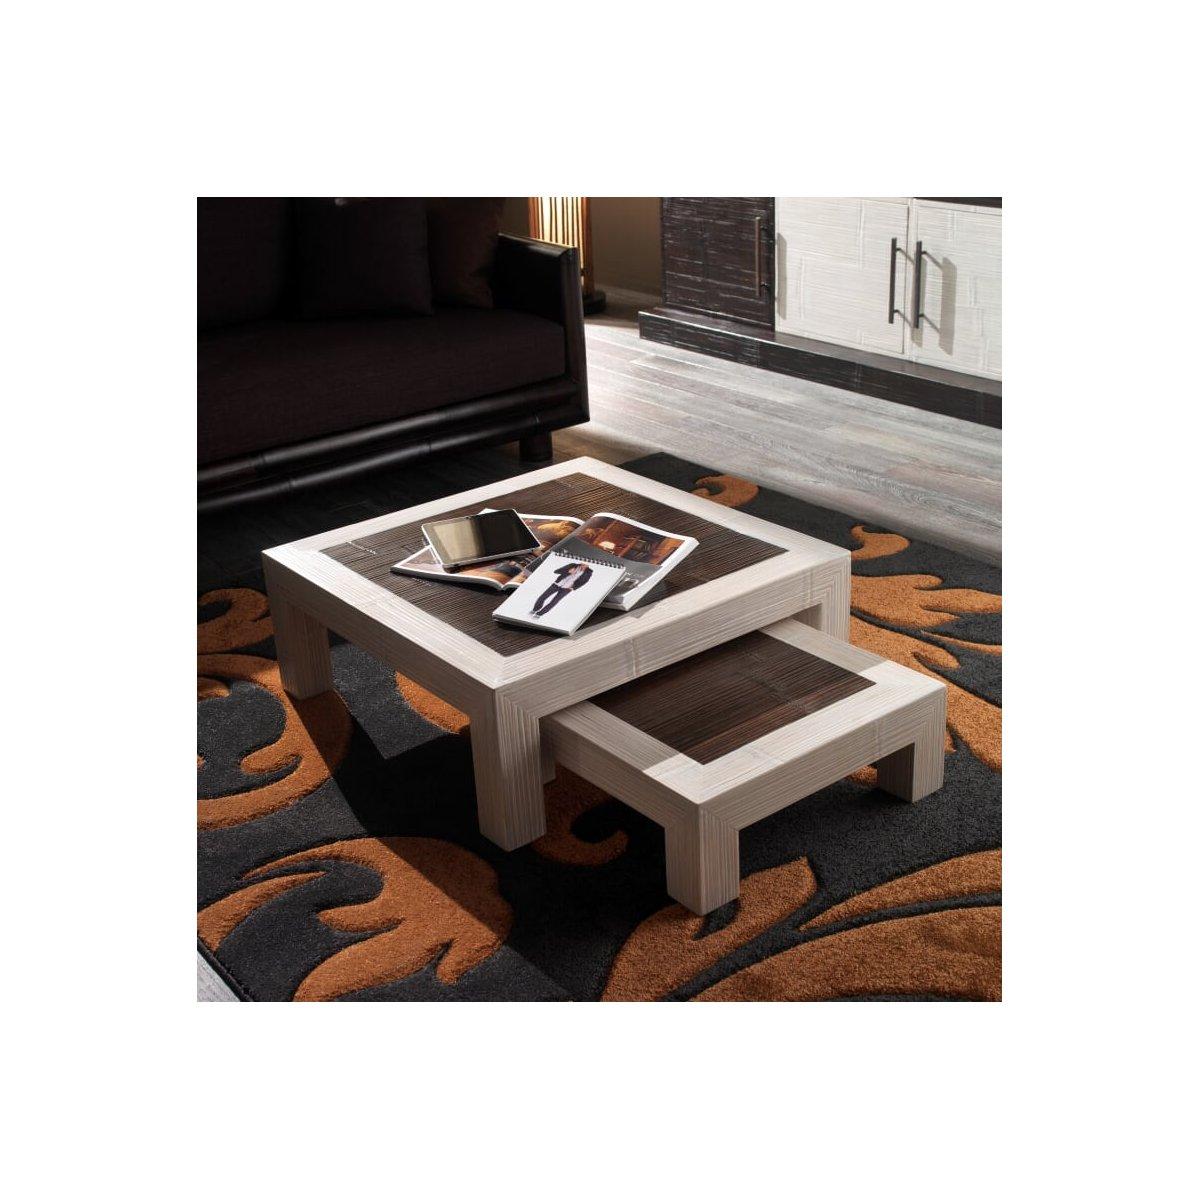 tavolini serie Hotel colore bianco e nero